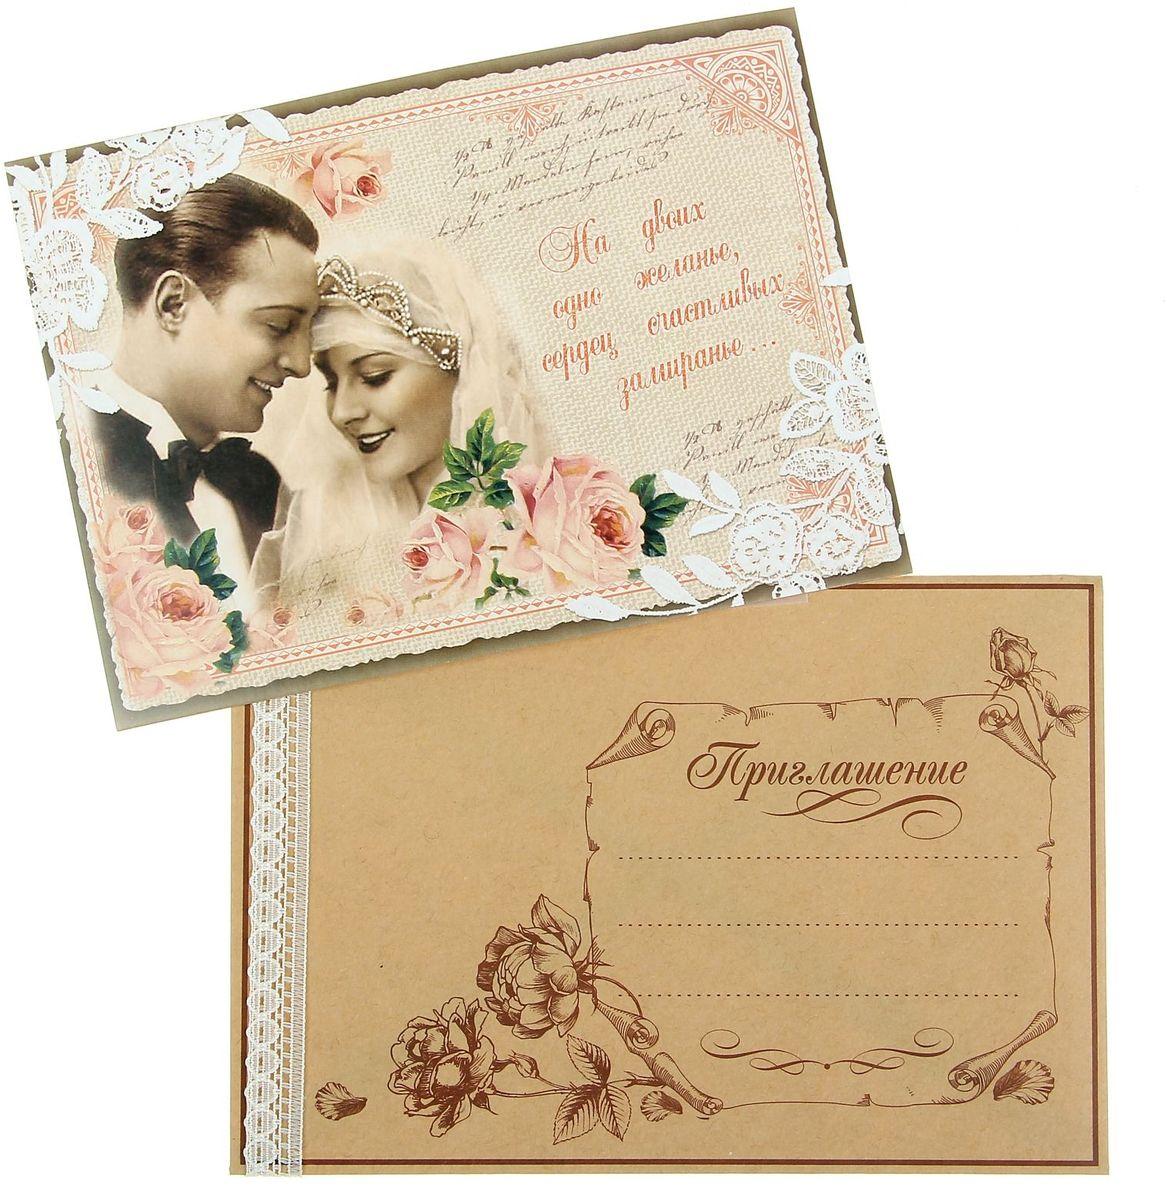 """Приглашение на свадьбу """"На двоих одно желание"""", 16,1 х 11,3 см"""